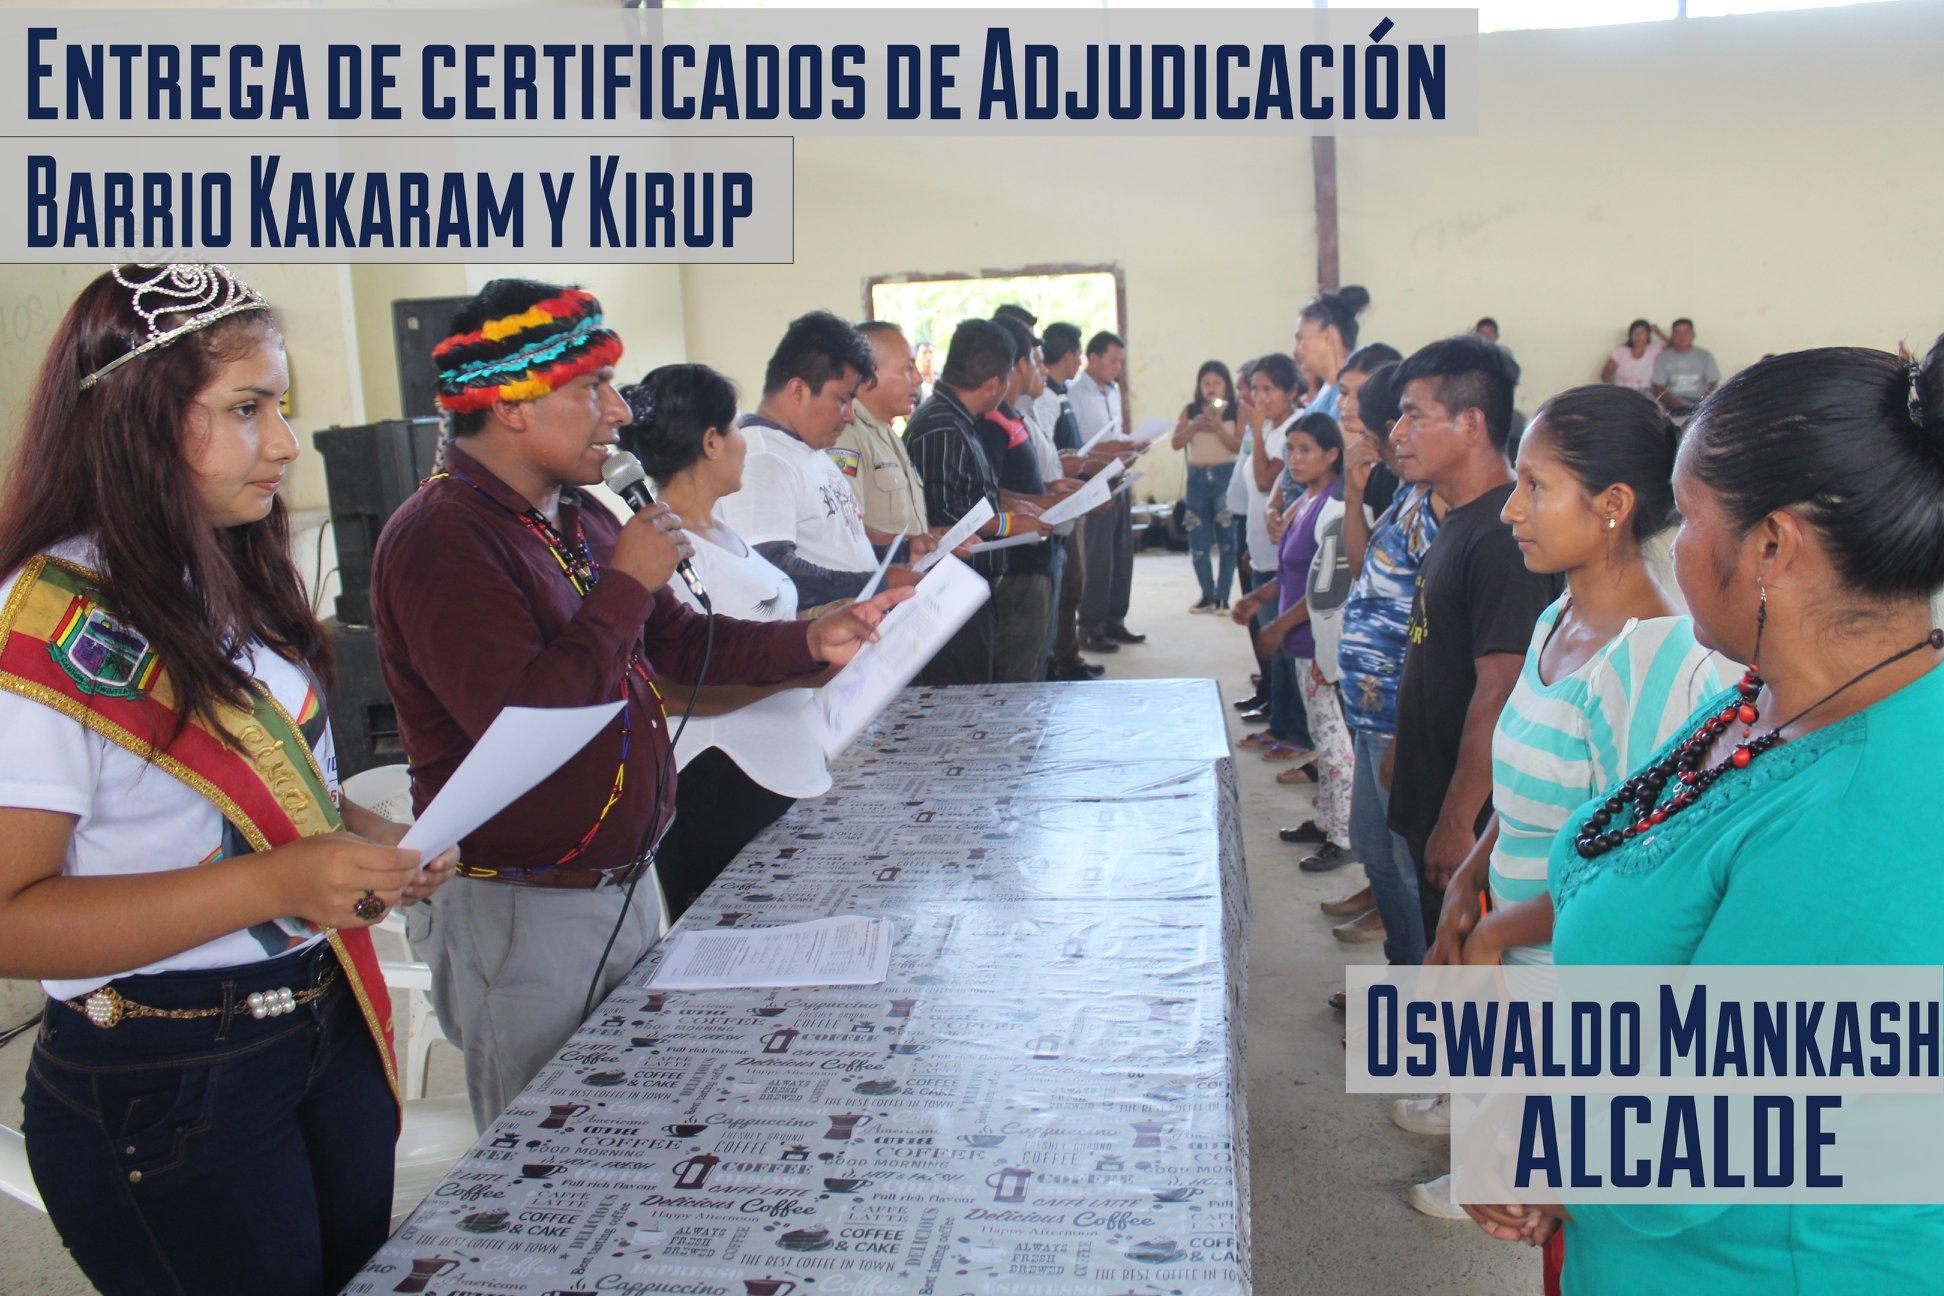 ENTREGA DE CERTIFICADOS DE ADJUDICACIÓN BARRIO KAKARAM Y KIRUP